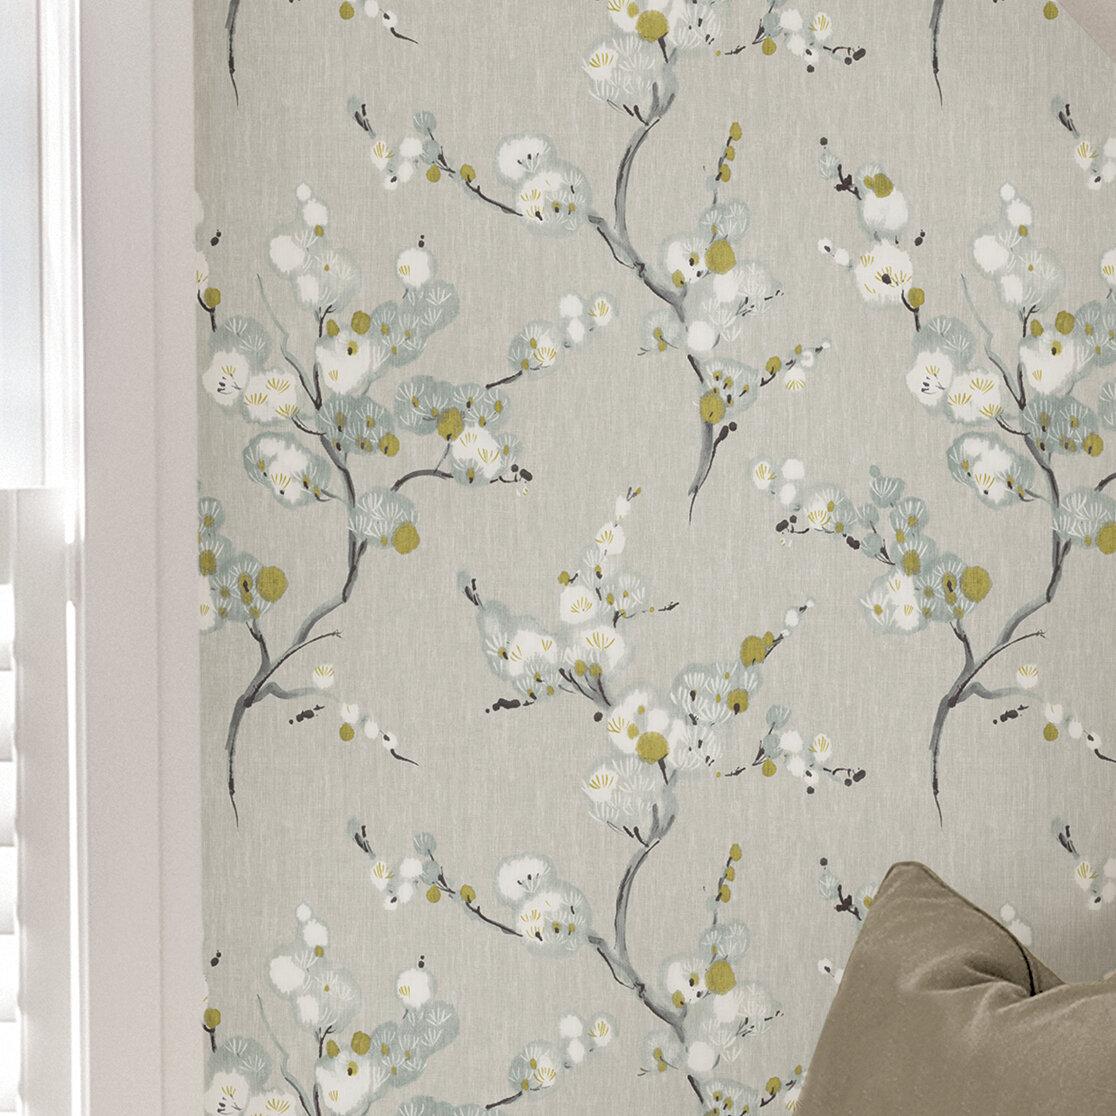 Crediton 18 L X 20 5 W Texture Peel And Stick Wallpaper Roll Reviews Joss Main